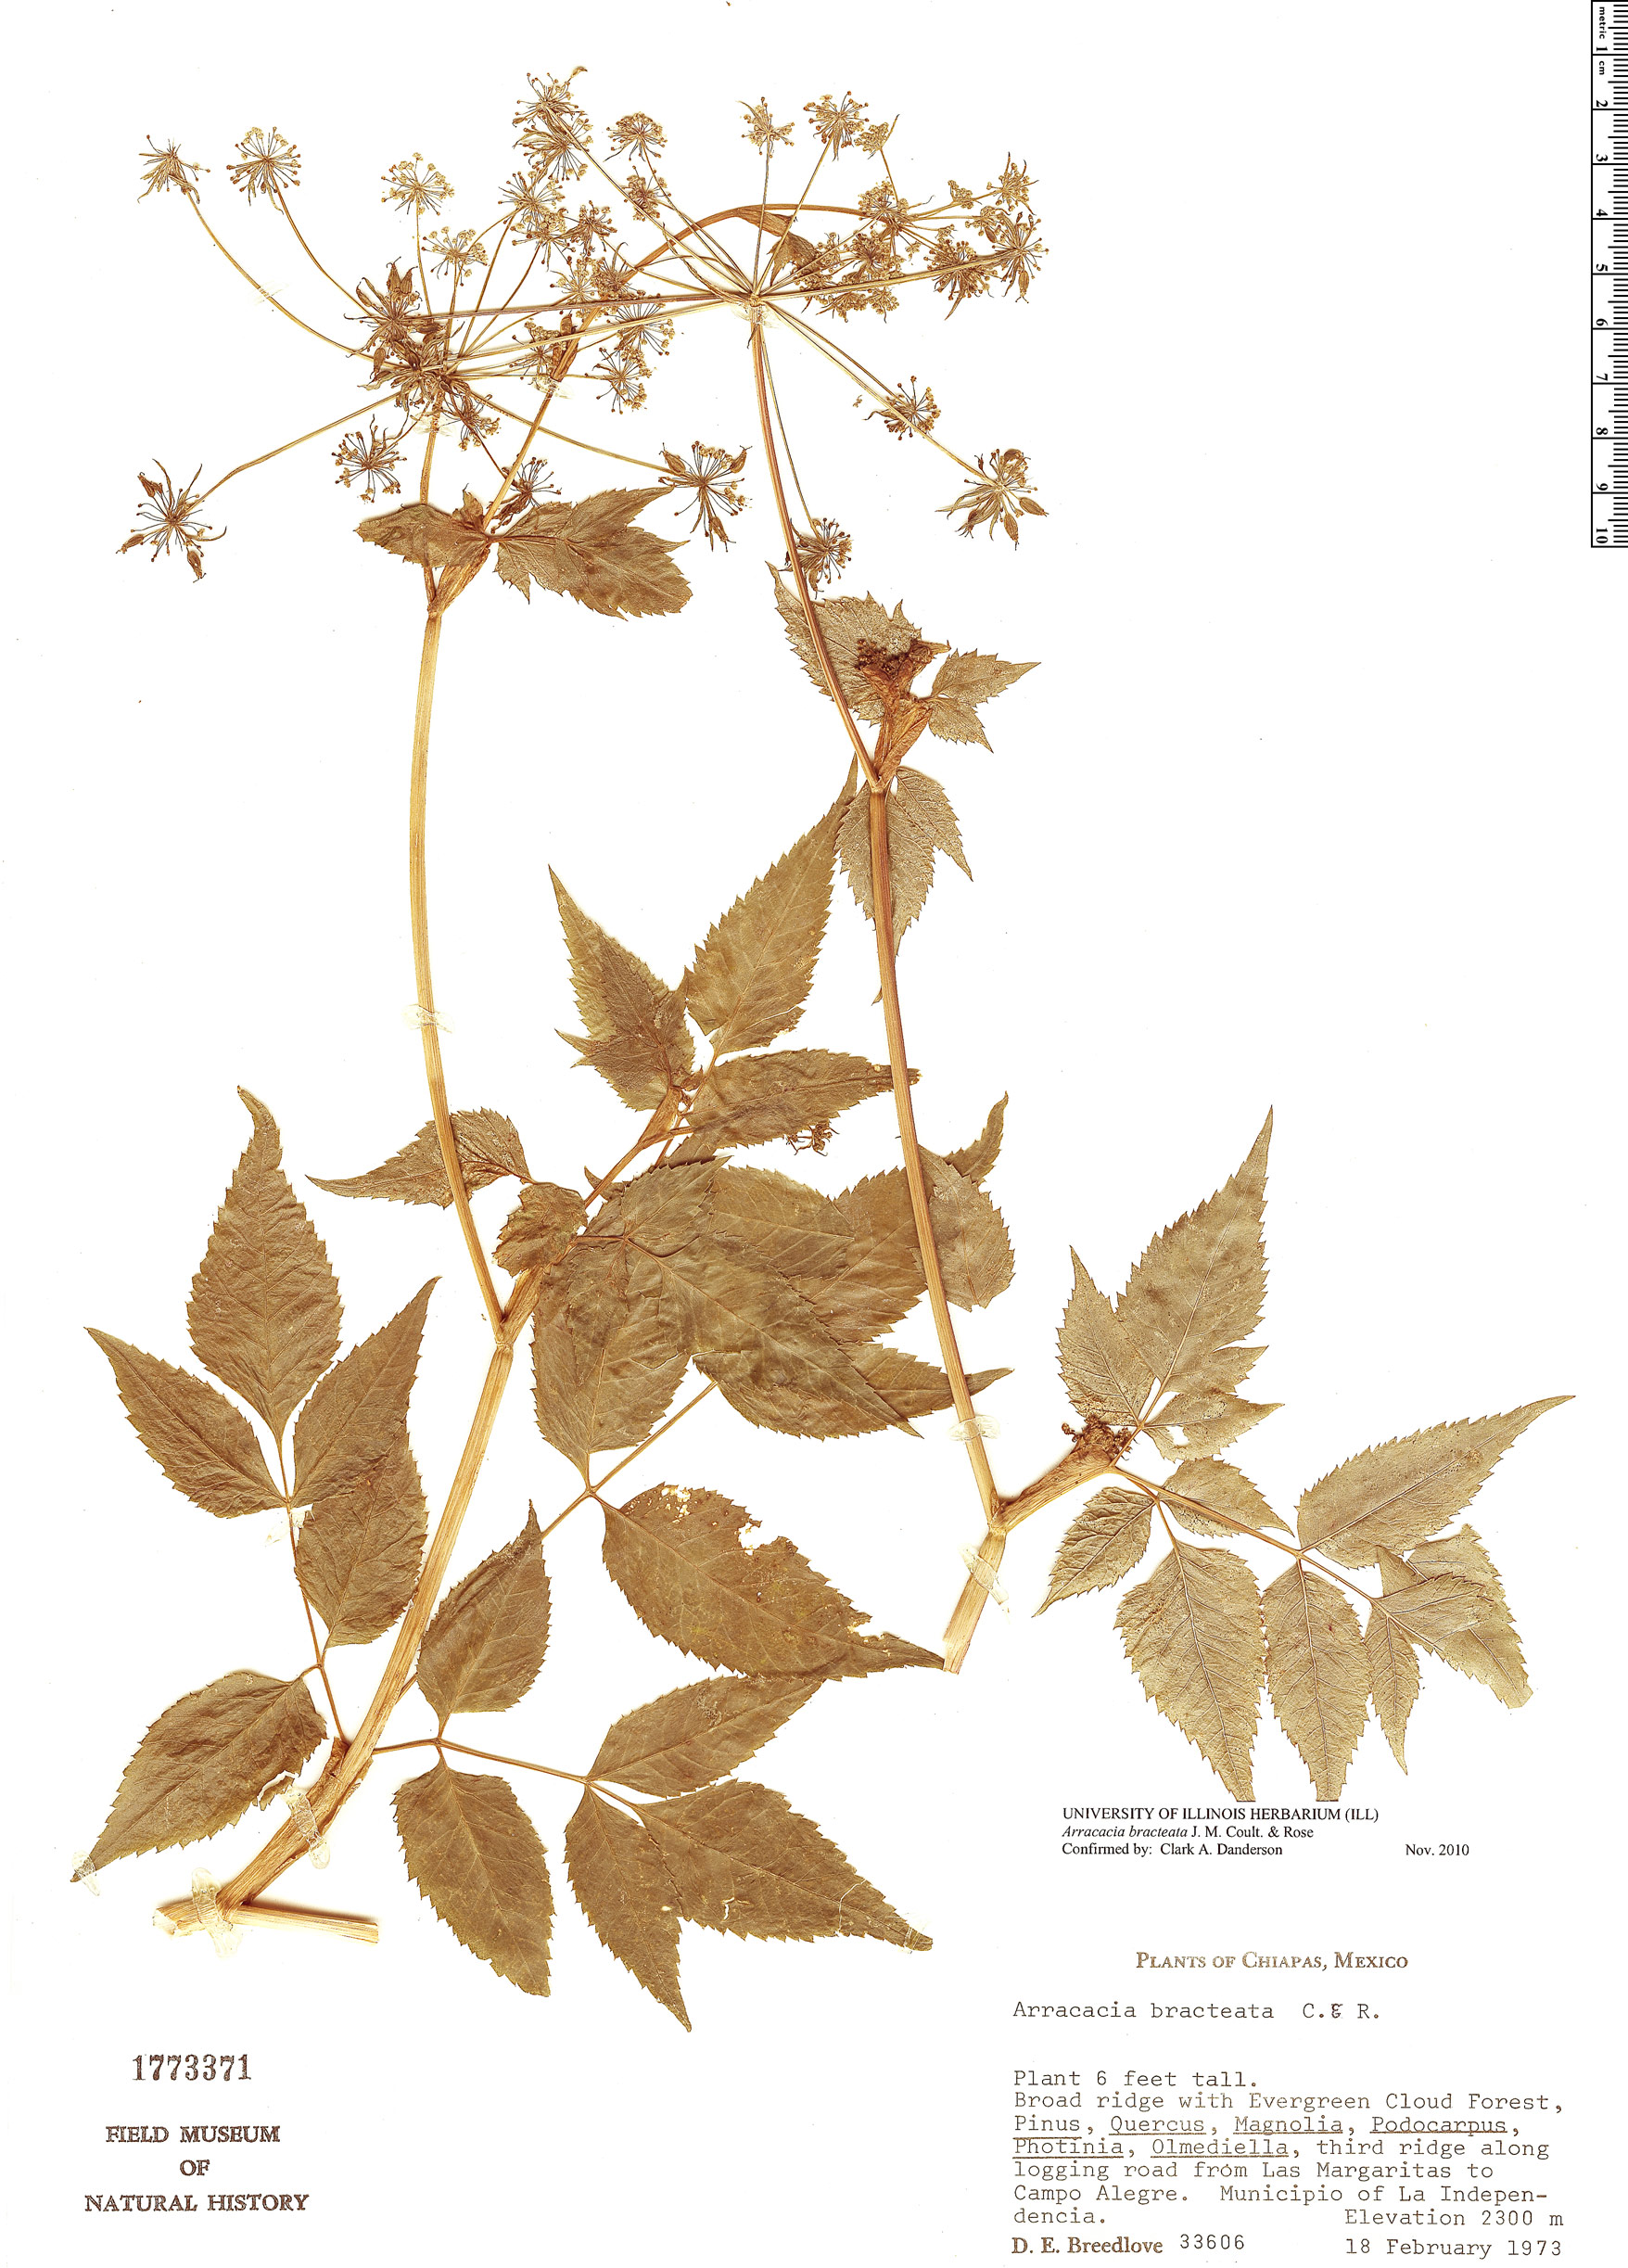 Specimen: Arracacia bracteata